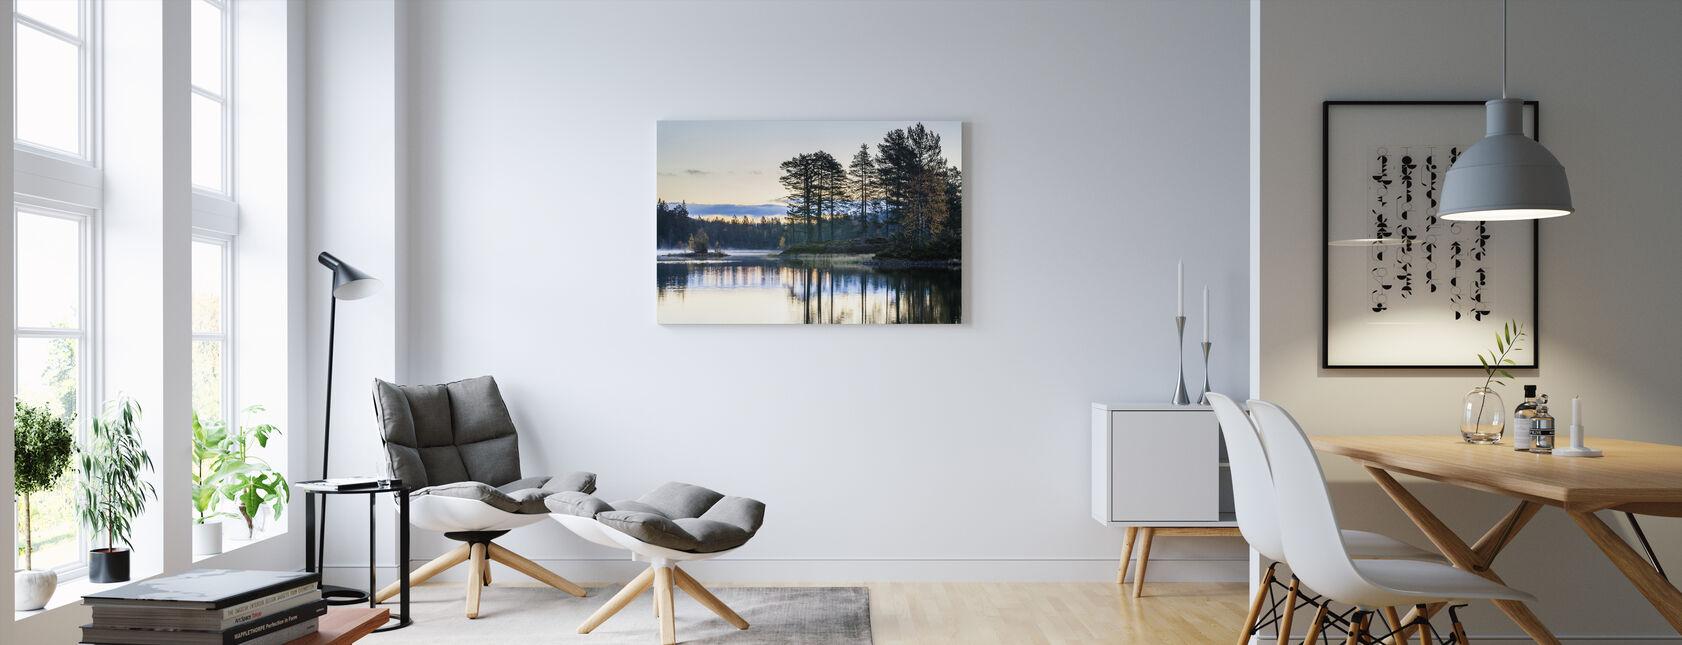 Skog i Drammen, Norge - Canvastavla - Vardagsrum